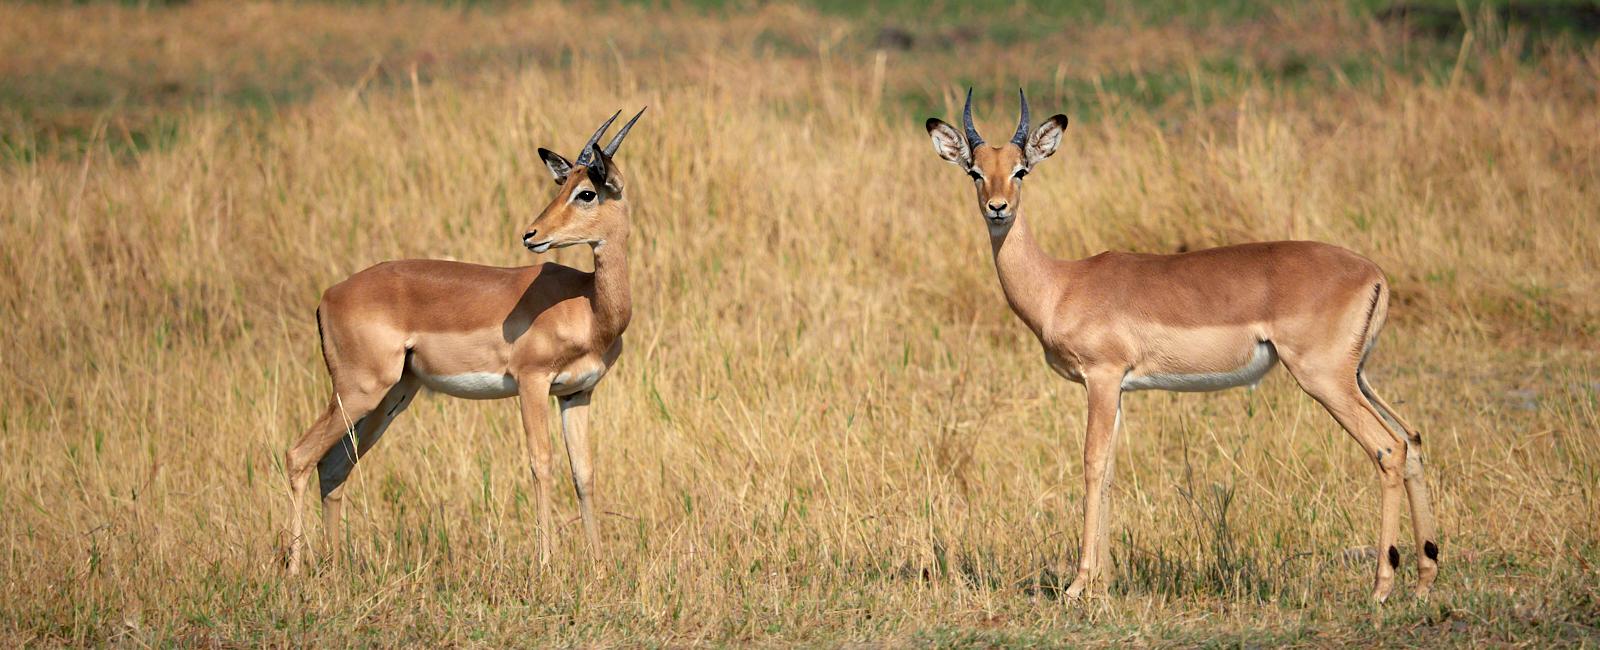 Impala 1600x1200 sRGB.jpg